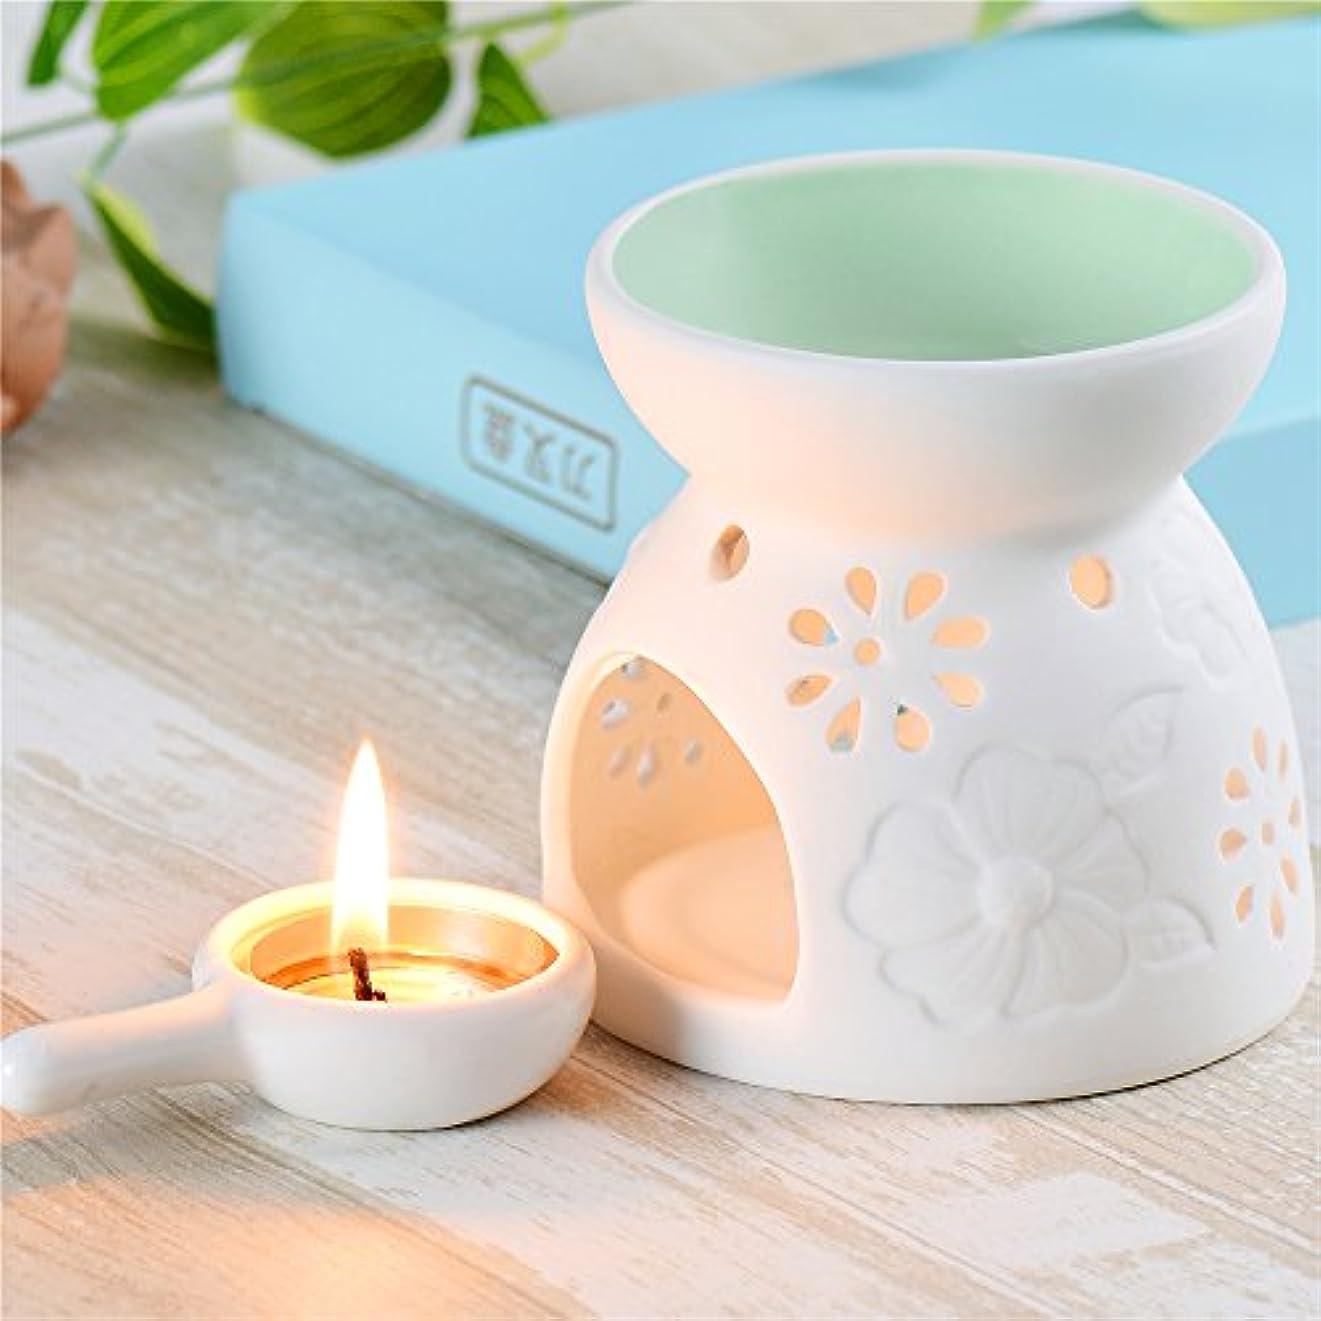 下着前兆症状セラミックEssential Oil Warmer : Great for瞑想、アロマセラピー – Fragrance Diffuser使用with Tea Lights – Ideal For Wedding Gifts...